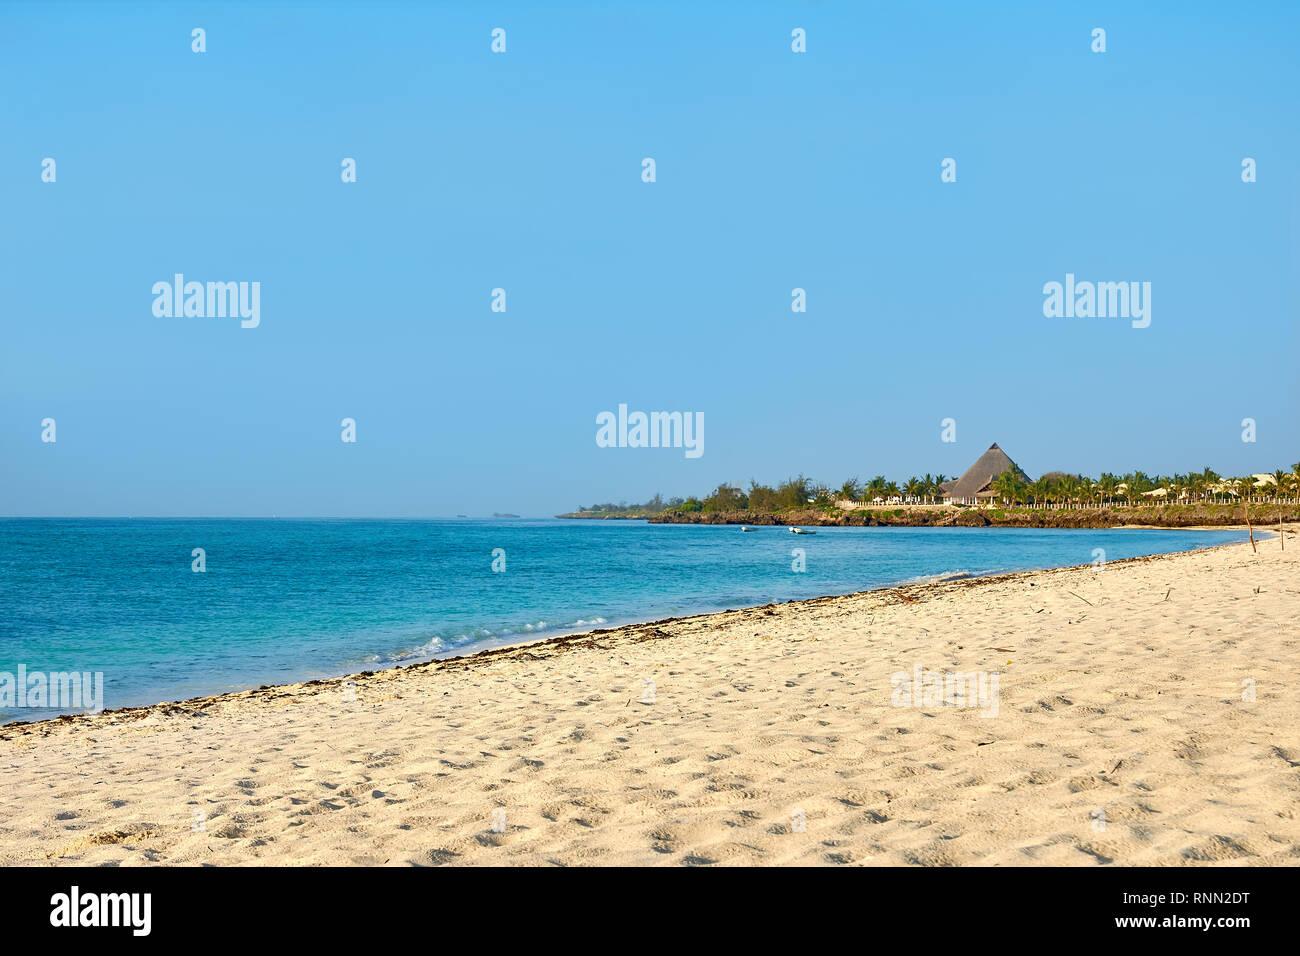 Vista de la costa con playa en Kenia, África. La gente, los vacacionistas y mar con olas y surf resort, edificios y bajo un cielo azul sin nubes. Imagen De Stock